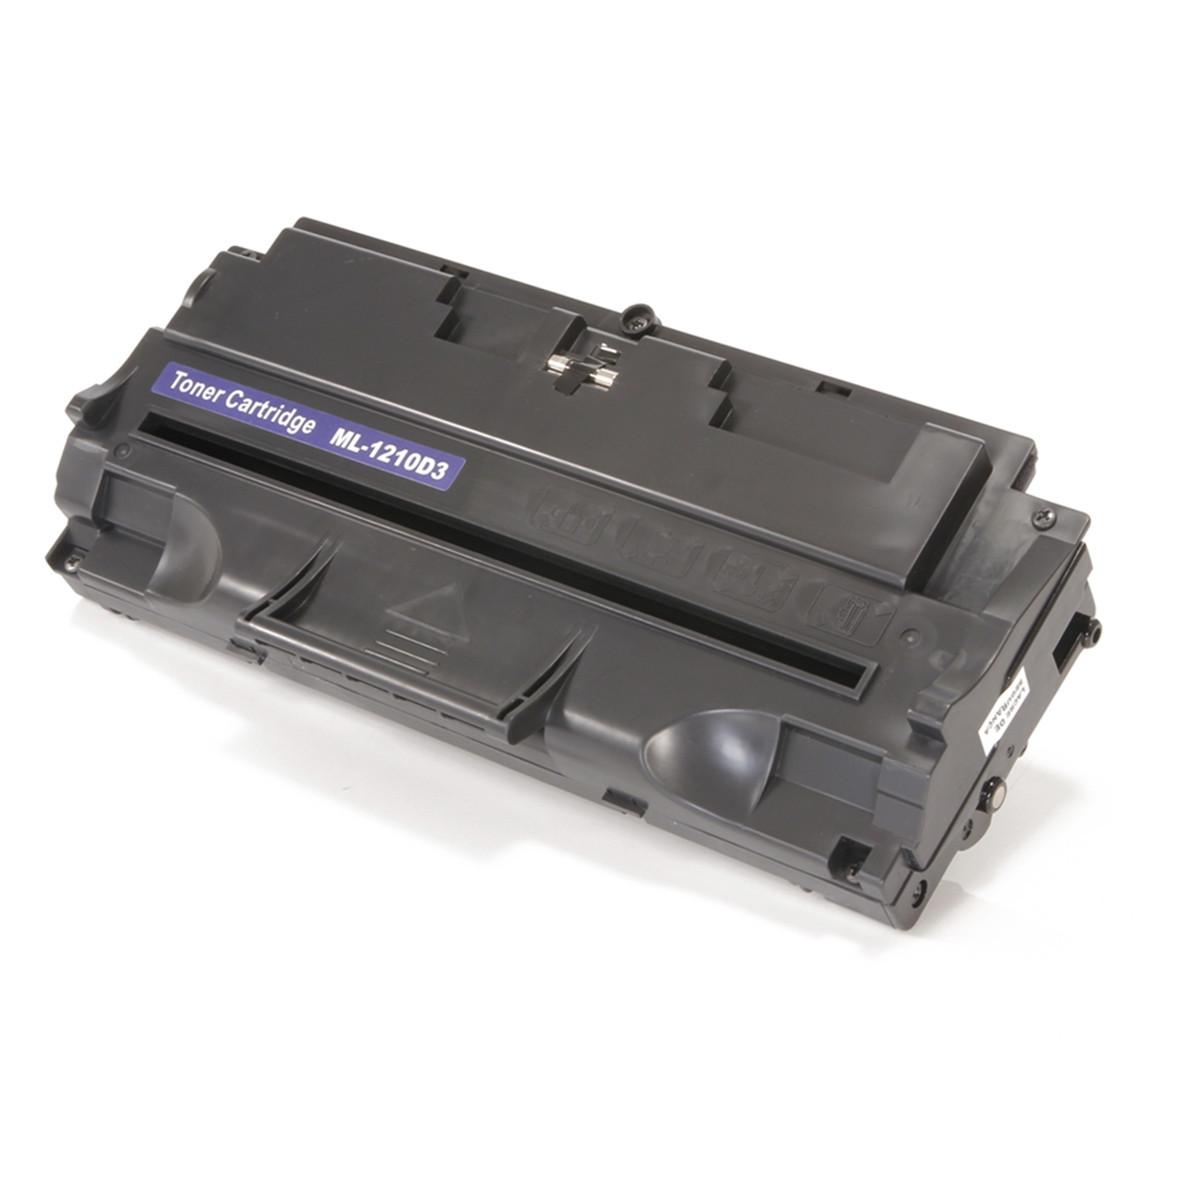 Toner Compatível com Lexmark E210 E212 | 10S0150 | Premium Quality 3k